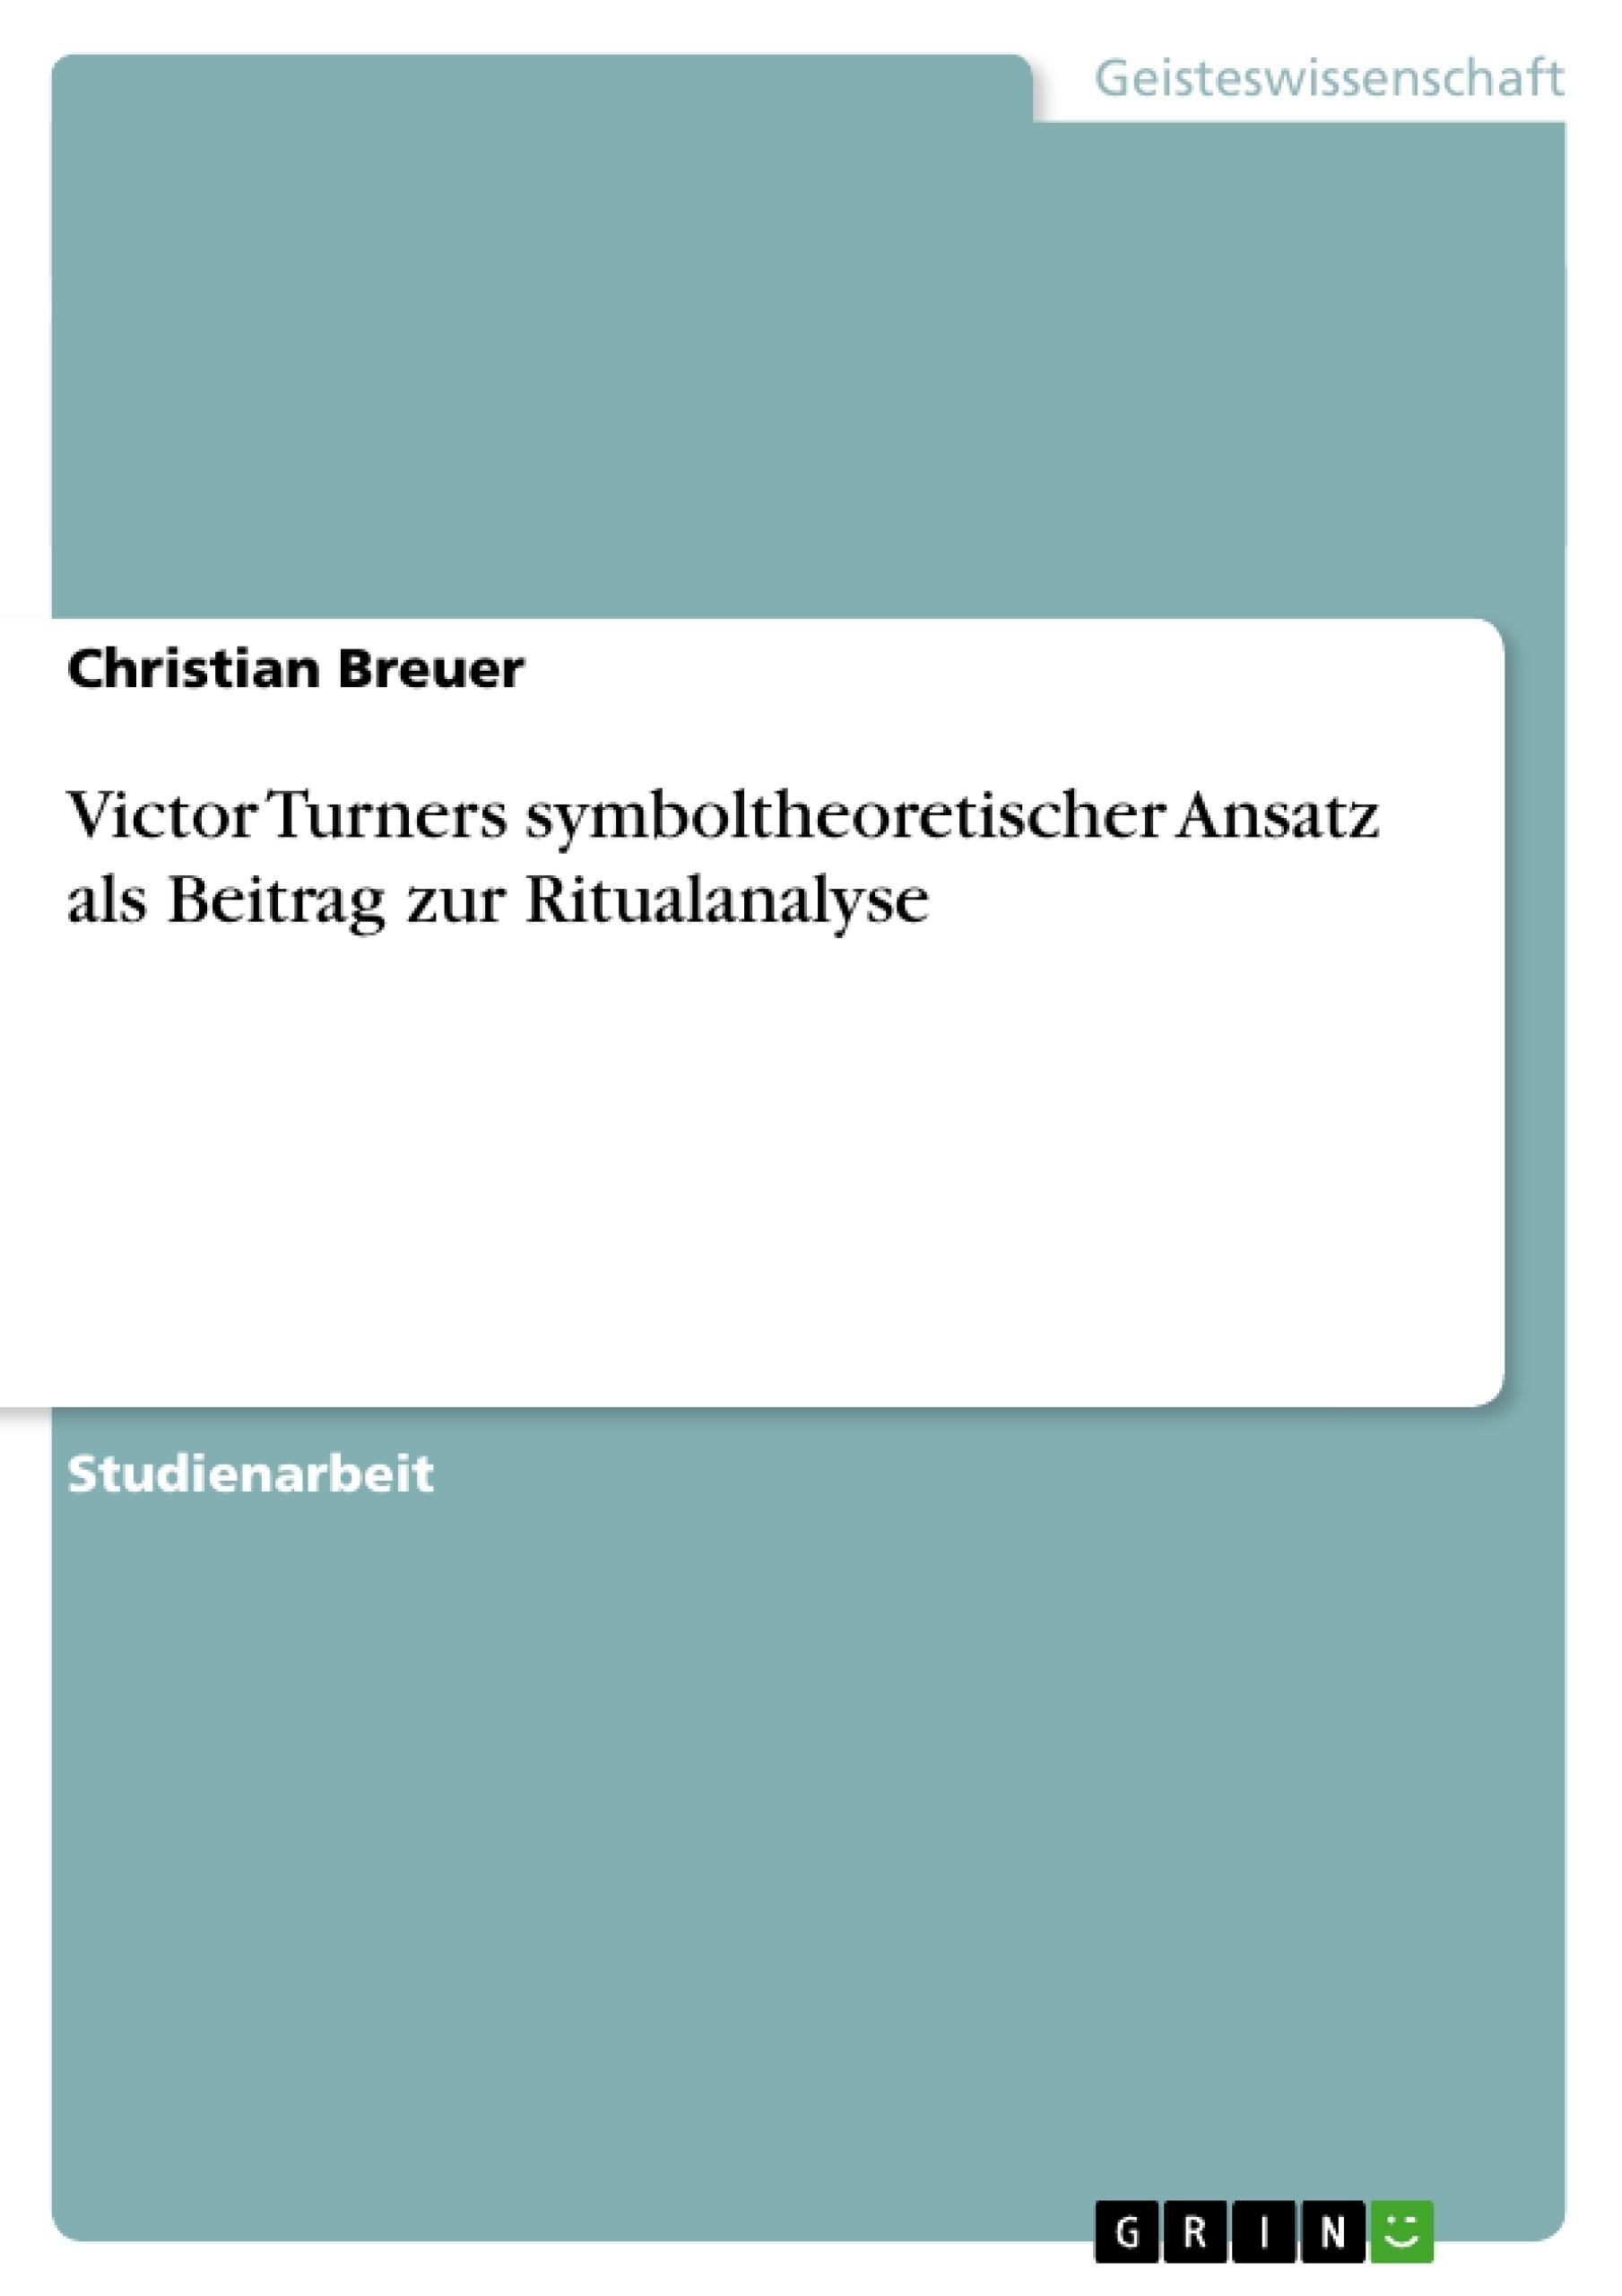 Titel: Victor Turners symboltheoretischer Ansatz als Beitrag zur Ritualanalyse